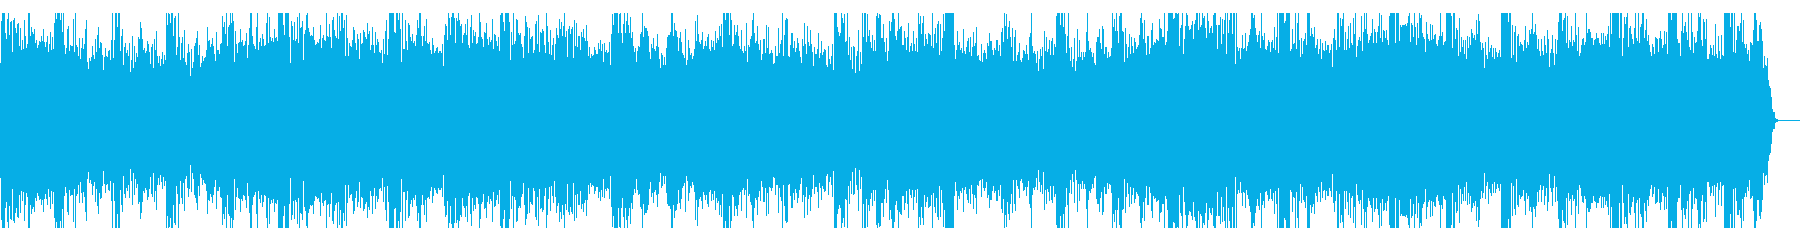 明るい曲調のジングル(14秒)の再生済みの波形